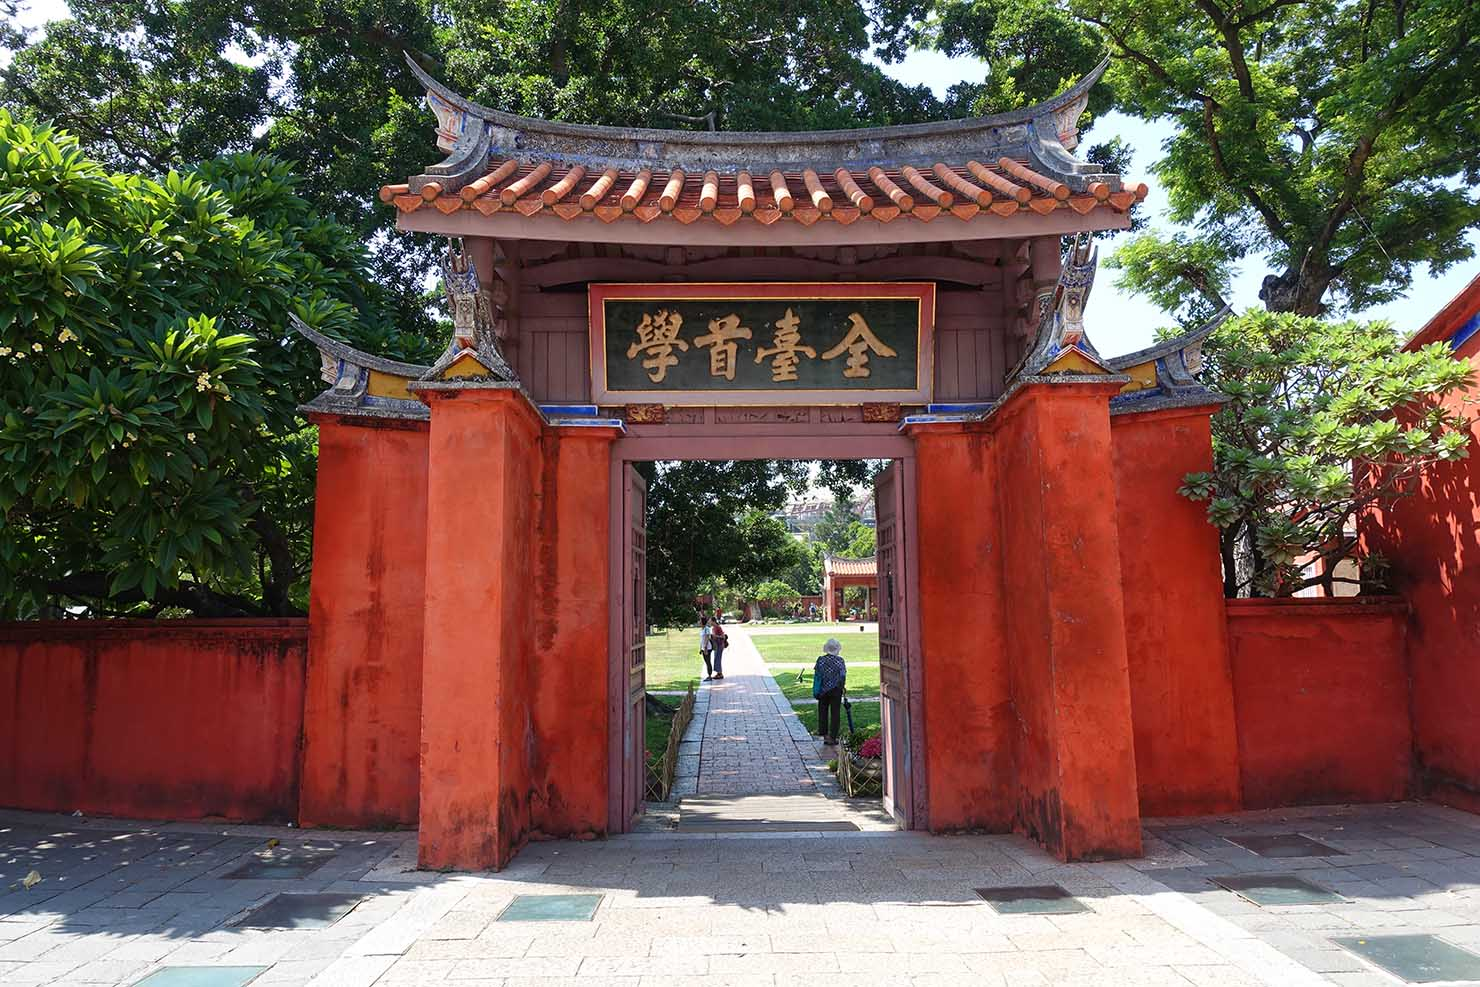 台湾の古都・台南のおすすめ観光スポット「孔廟」の入り口